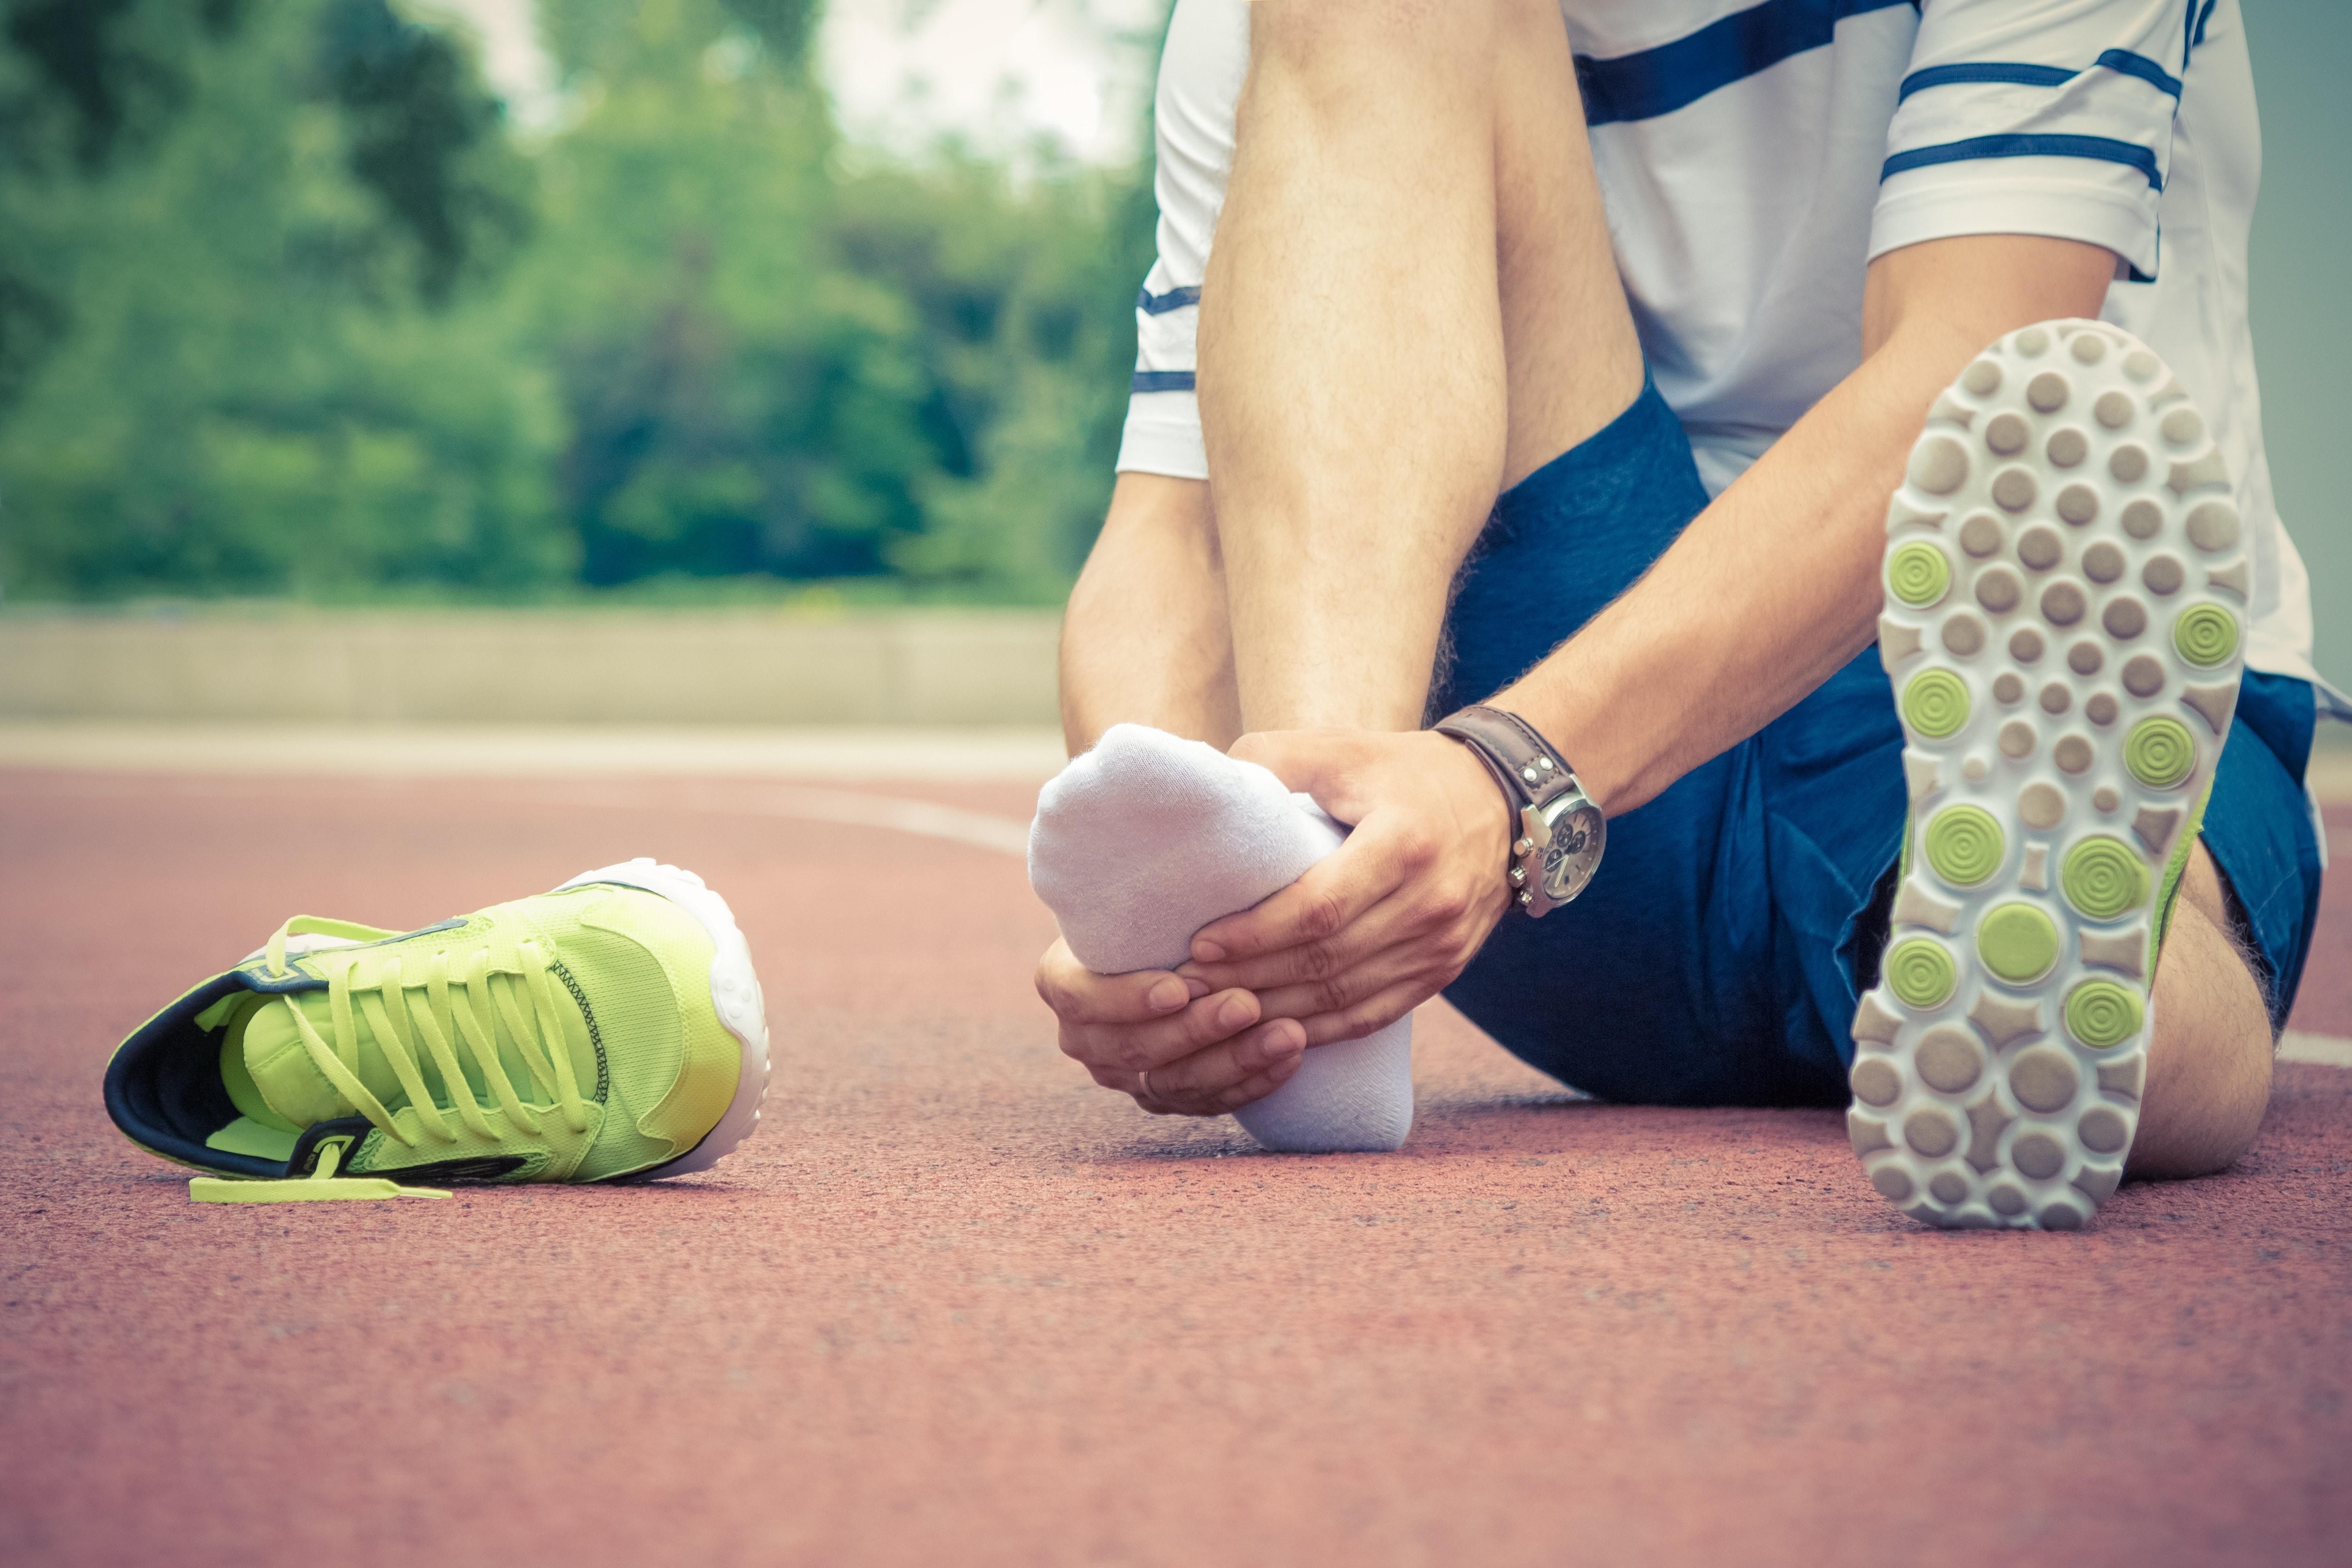 ondt under foden efter løb